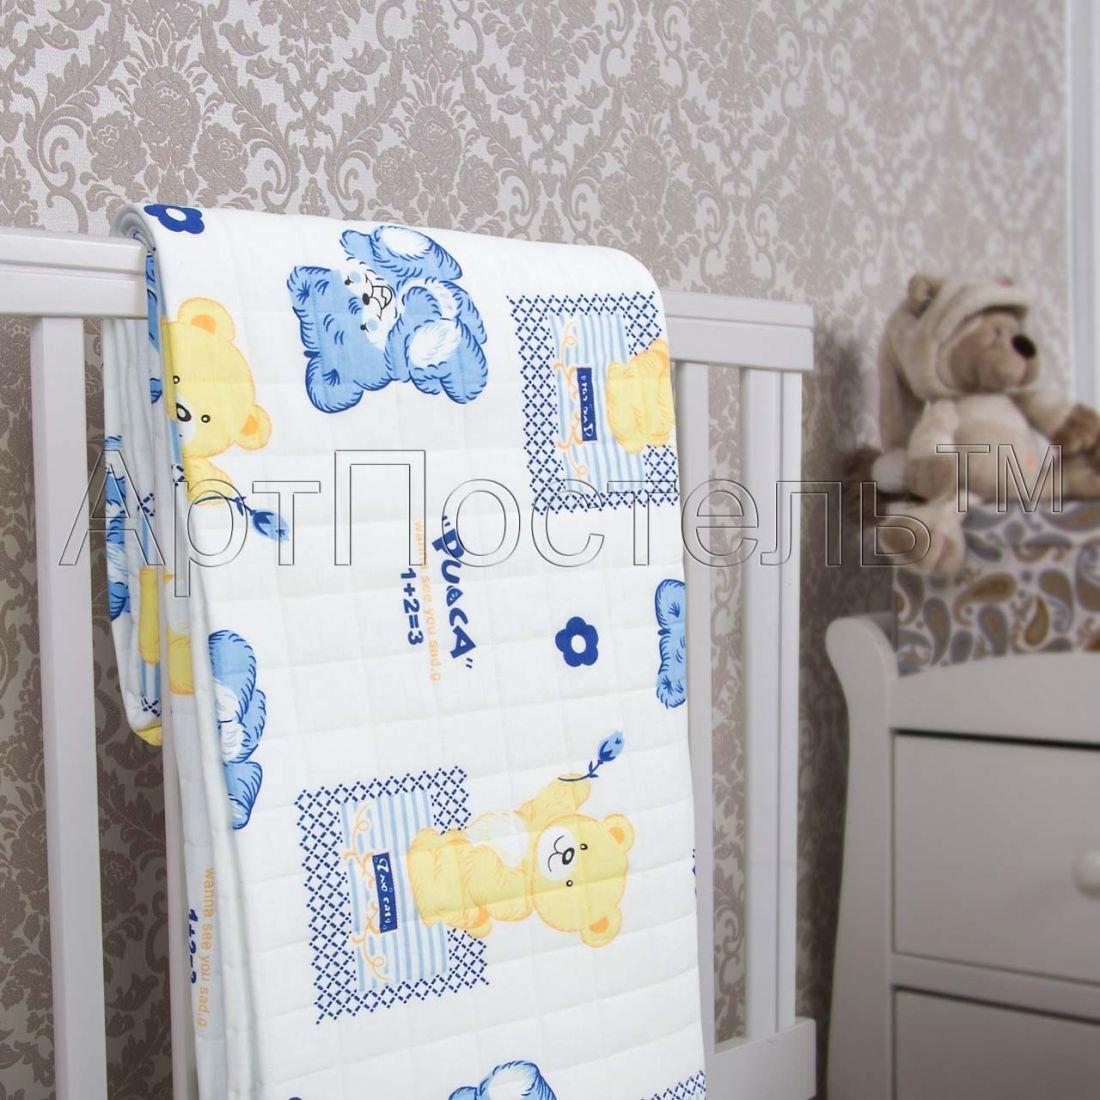 Сластена - одеяло-покрывало детское, размер 140х200, Трикотаж, Артпостель